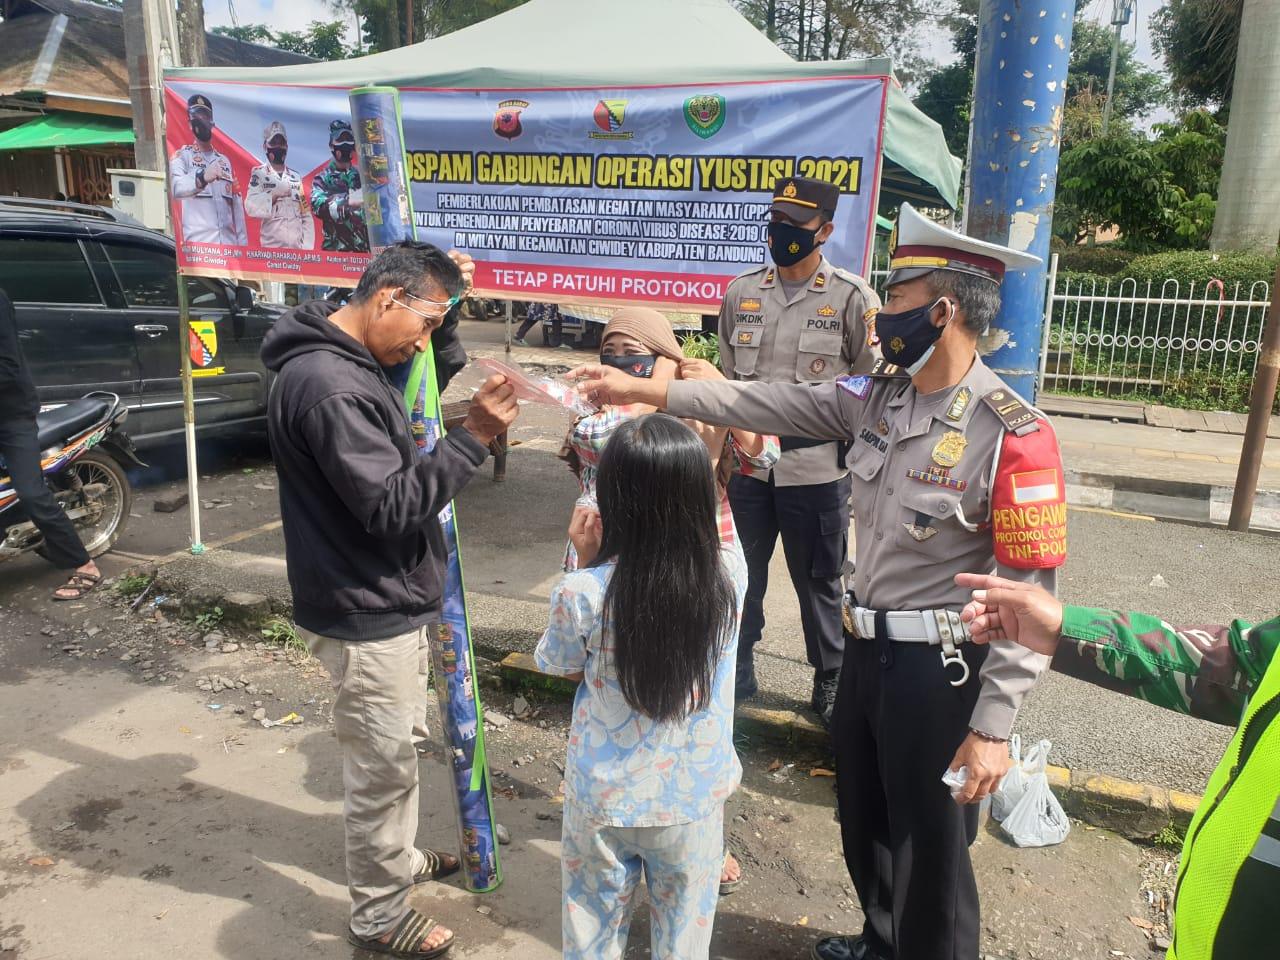 Polresta Bandung Polda Jabar Gencar Edukasi dan Pembagian Masker Gratis Bagi Warga